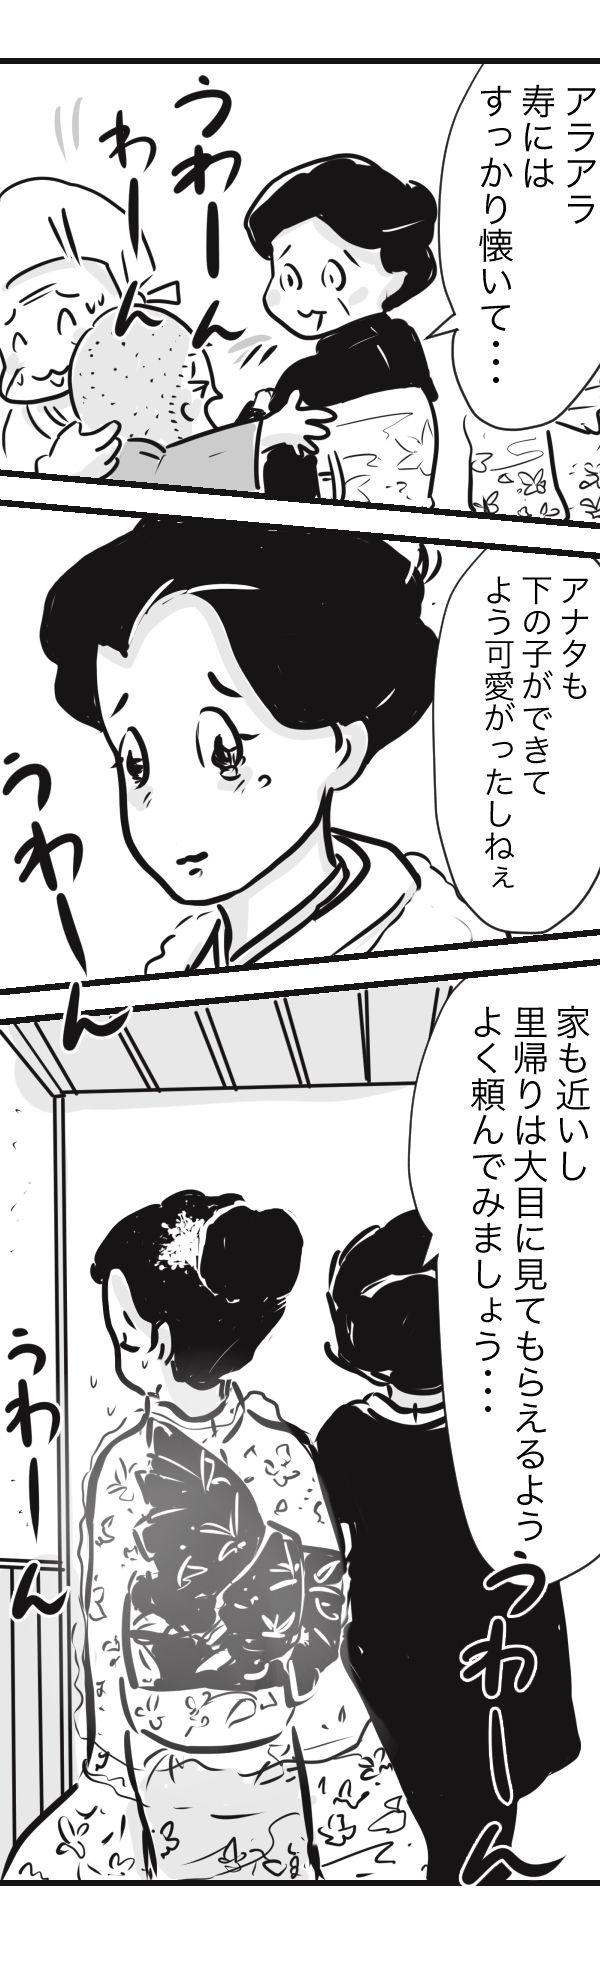 山田 金沢10−1−3